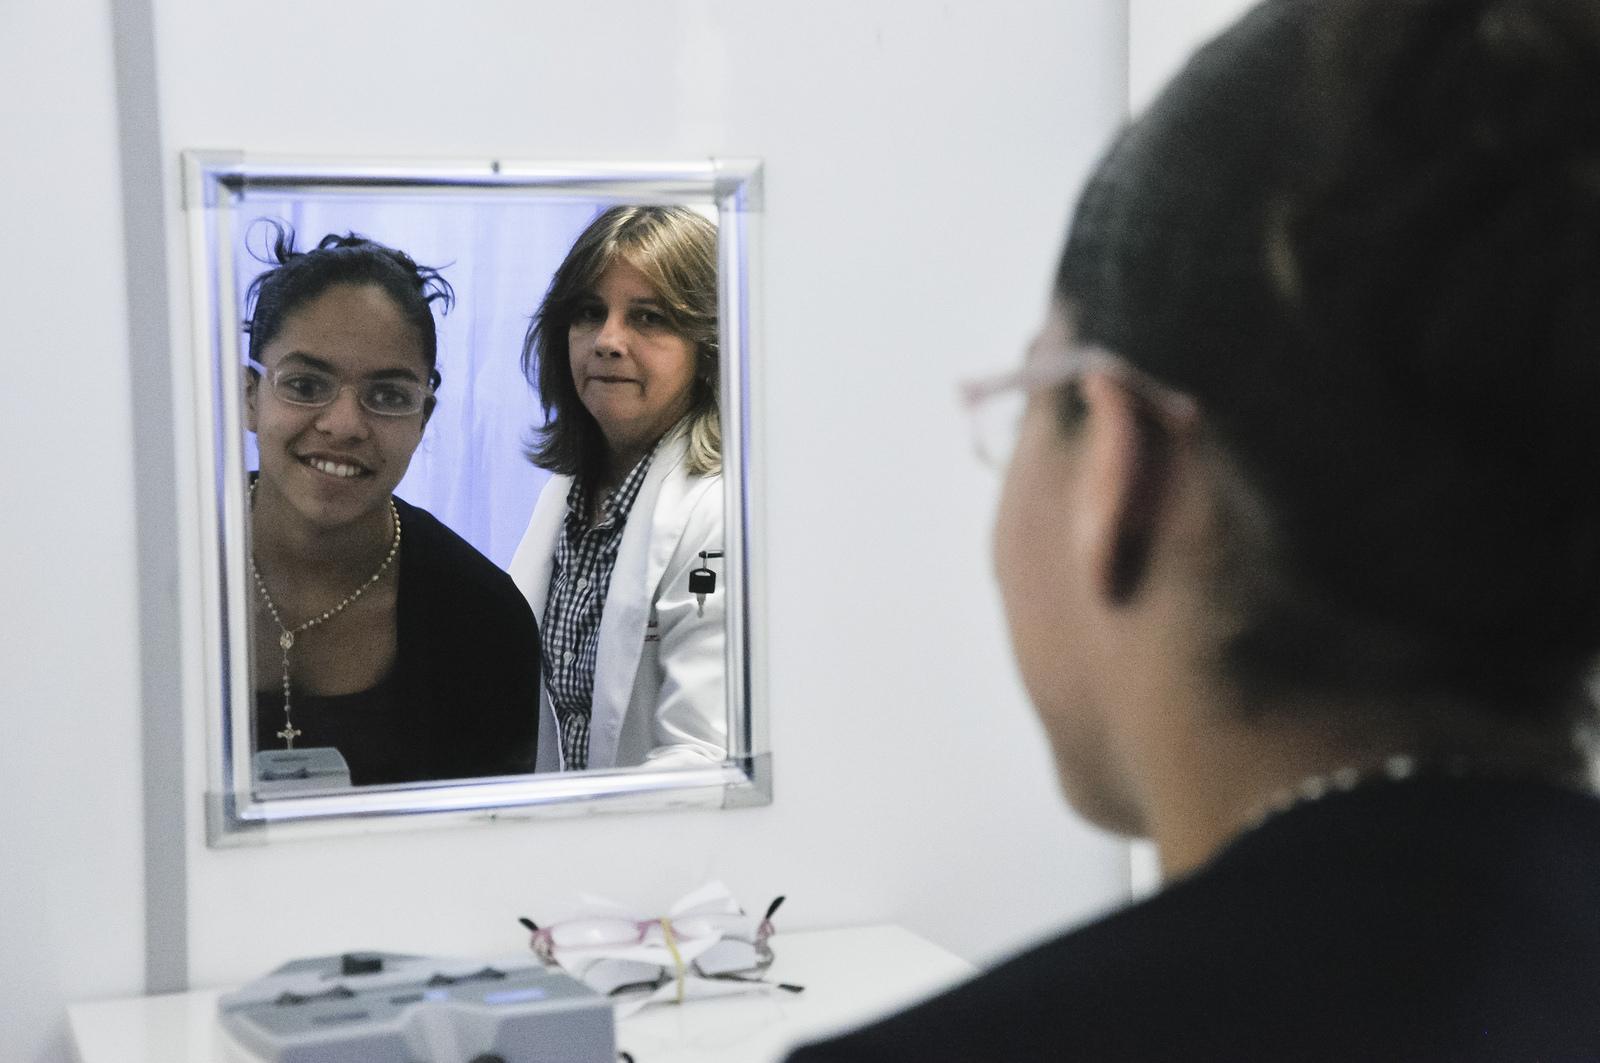 UFC realiza atendimento oftalmológico gratuito para crianças de escolas públicas (FOTO: Guilherme Braga)